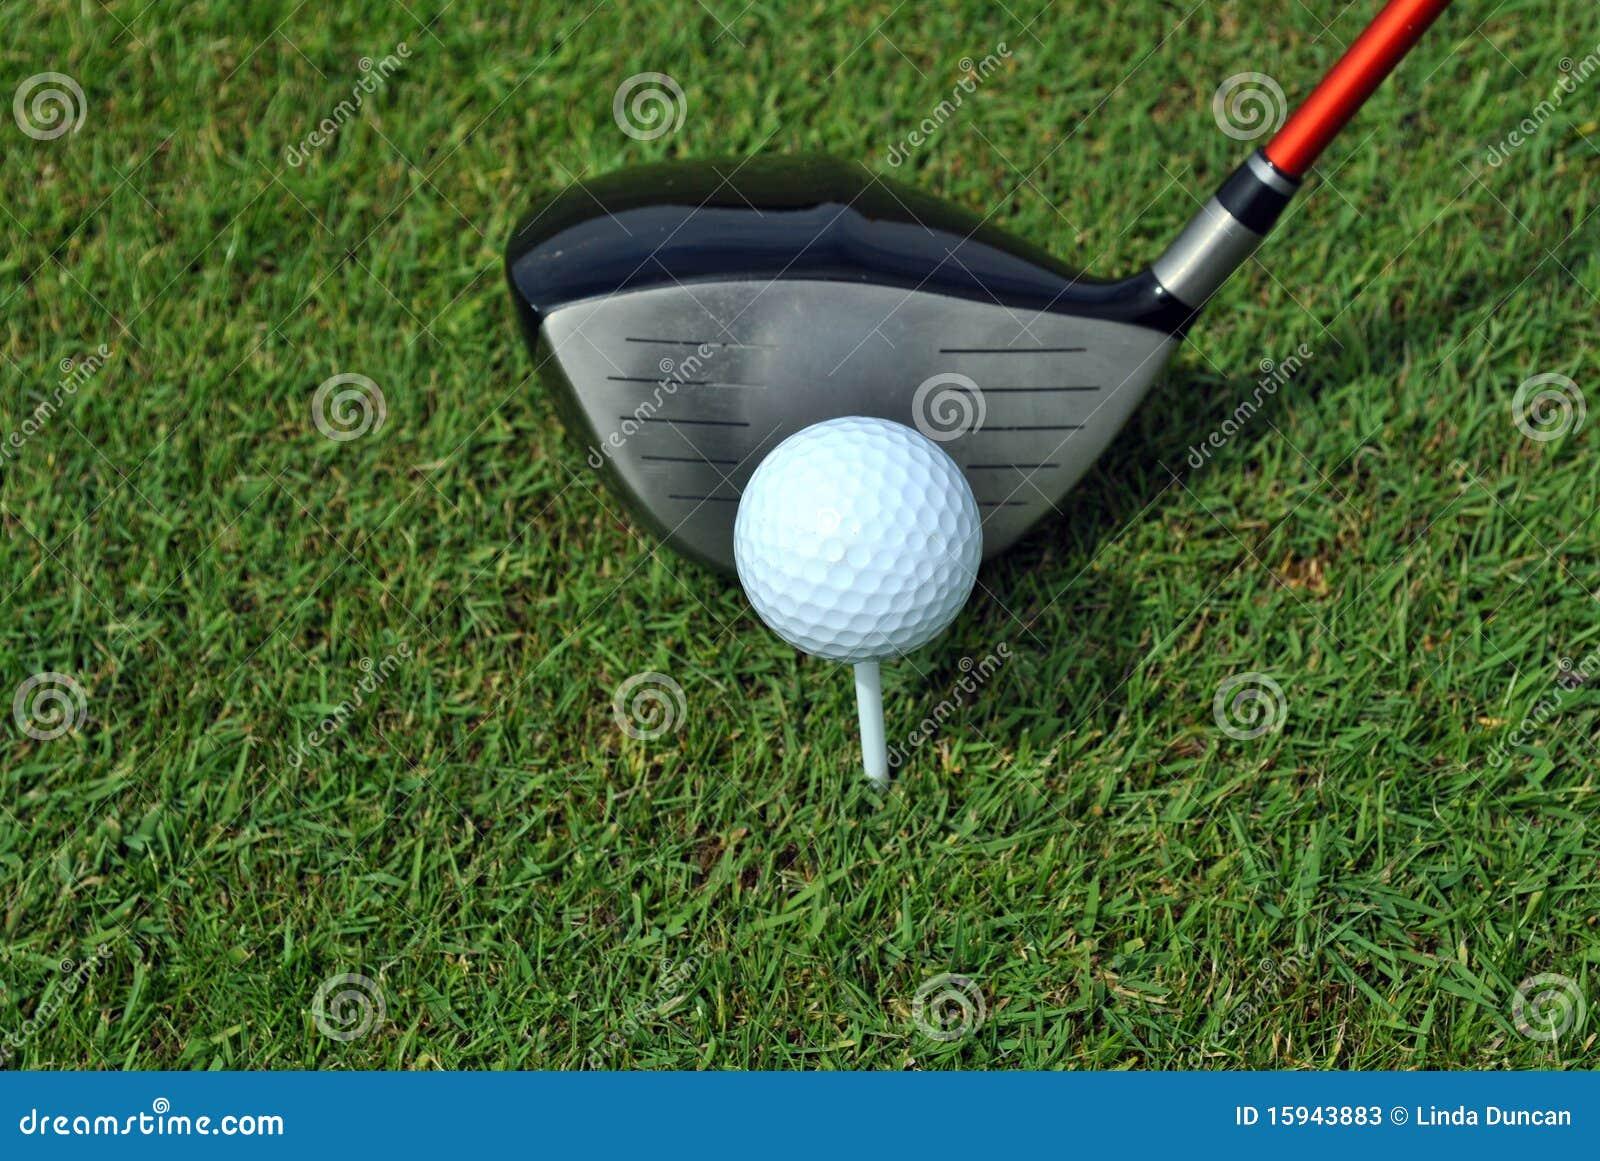 Strzału golfowy zabranie